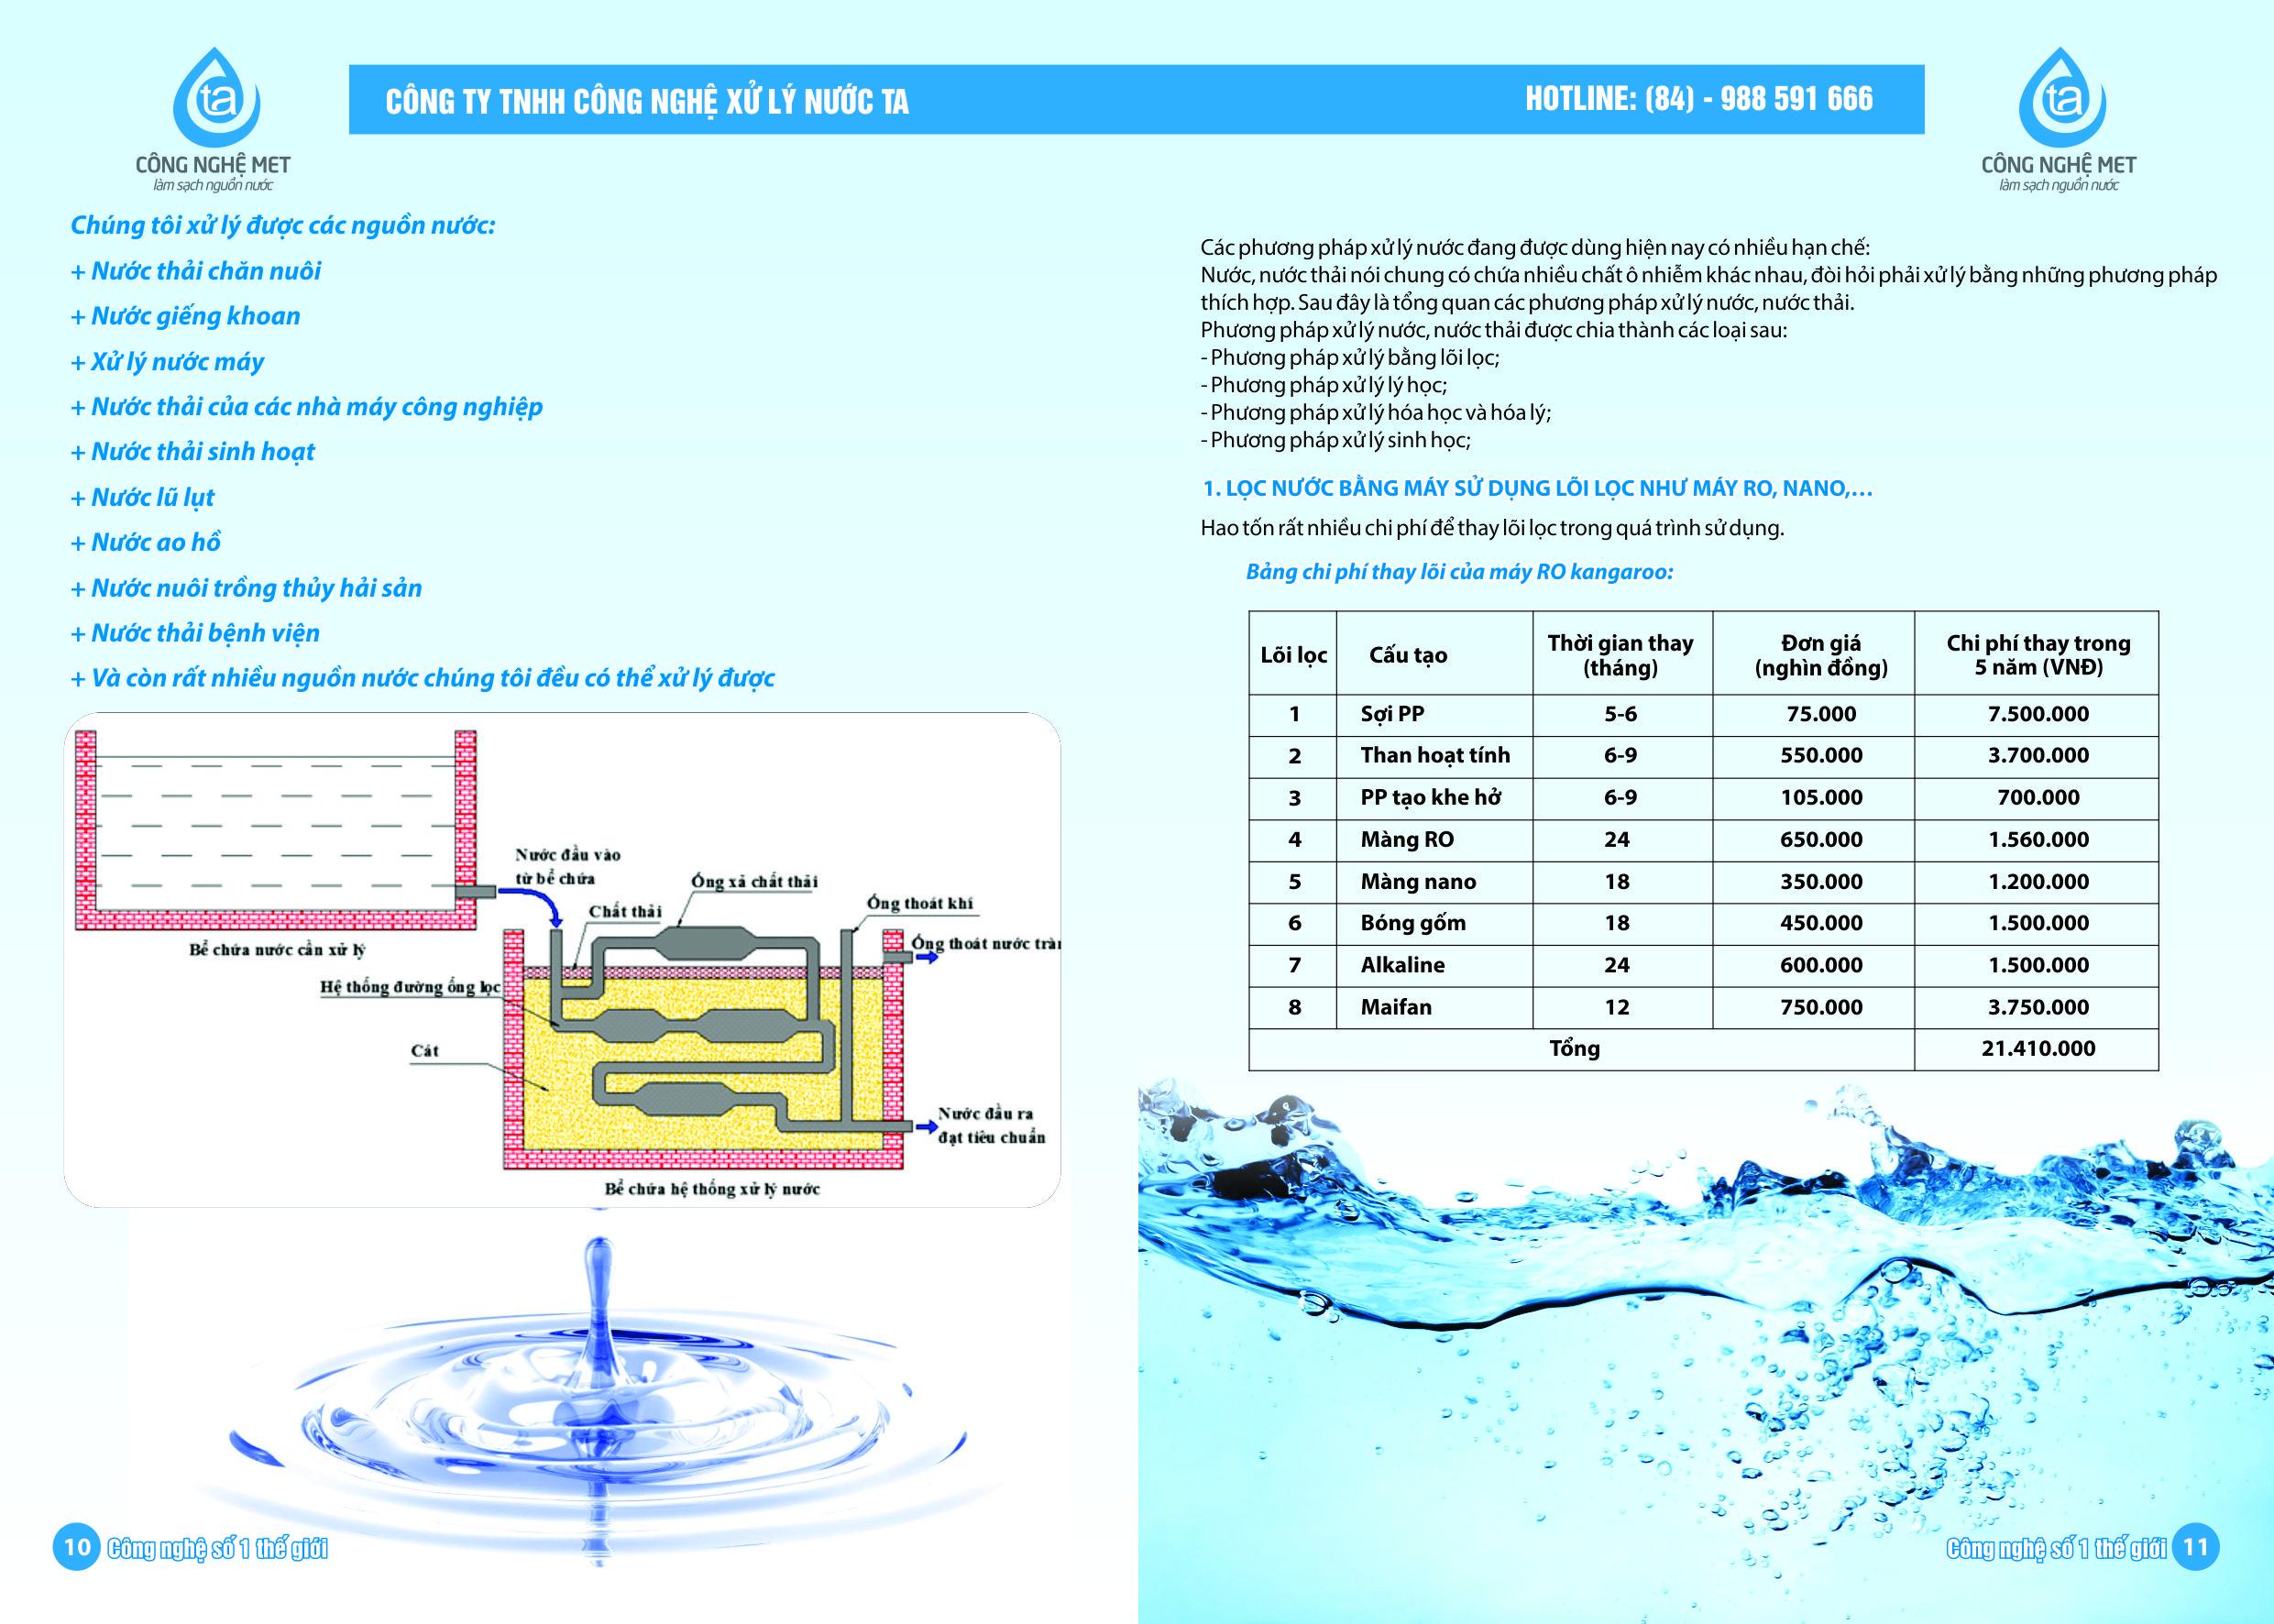 Hiện trạng tài nguyên nước tại Việt Nam ra sao vào thời điểm hiện nay